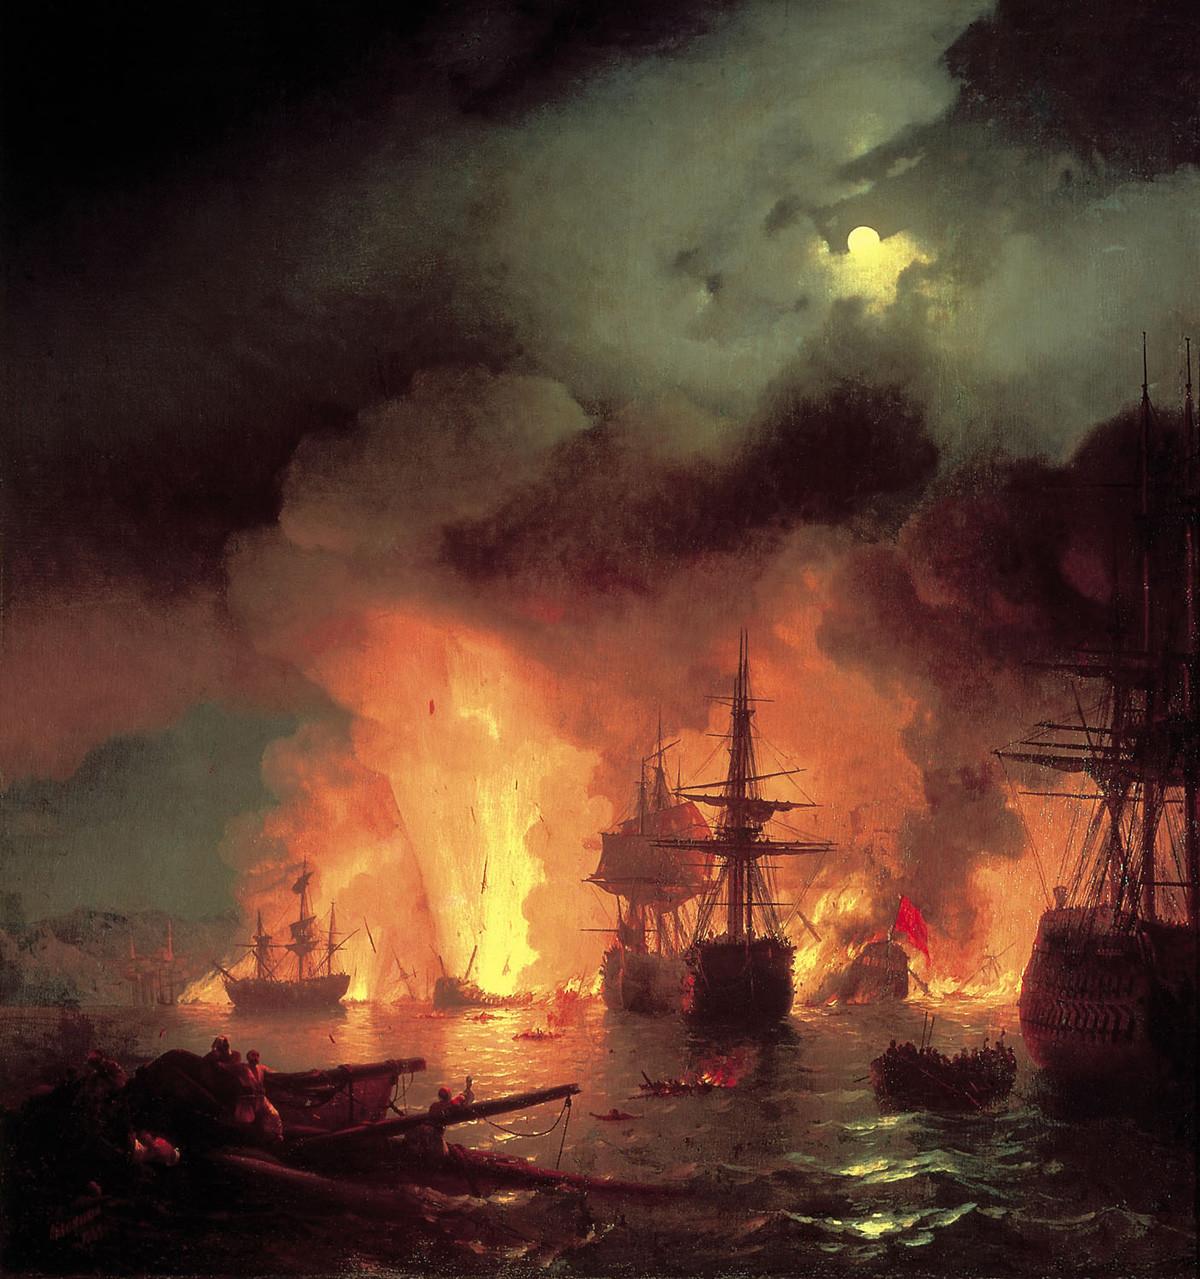 Seeschlacht von Çeşme in der Nacht zum 26. Juni 1770 von Iwan Aiwasowski